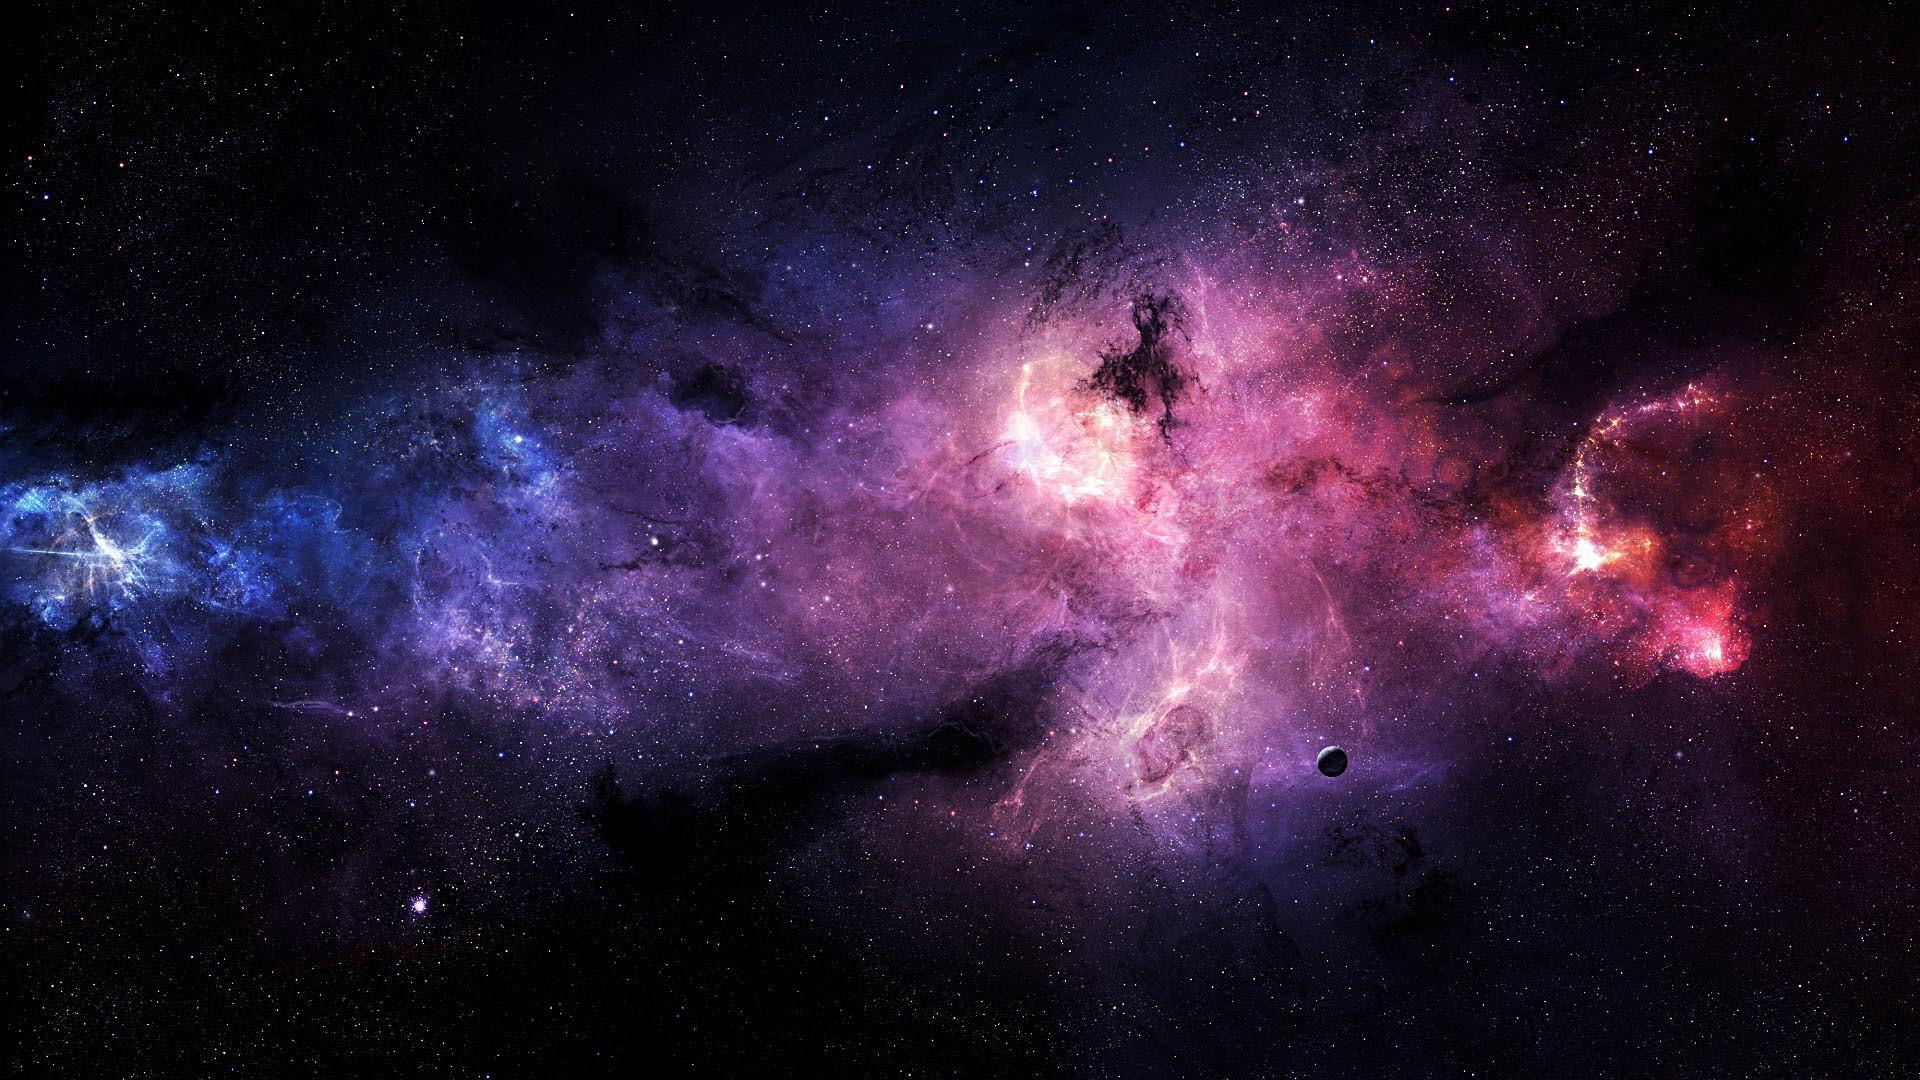 1920x1080 best galaxy wallpaper hd 1920x1080